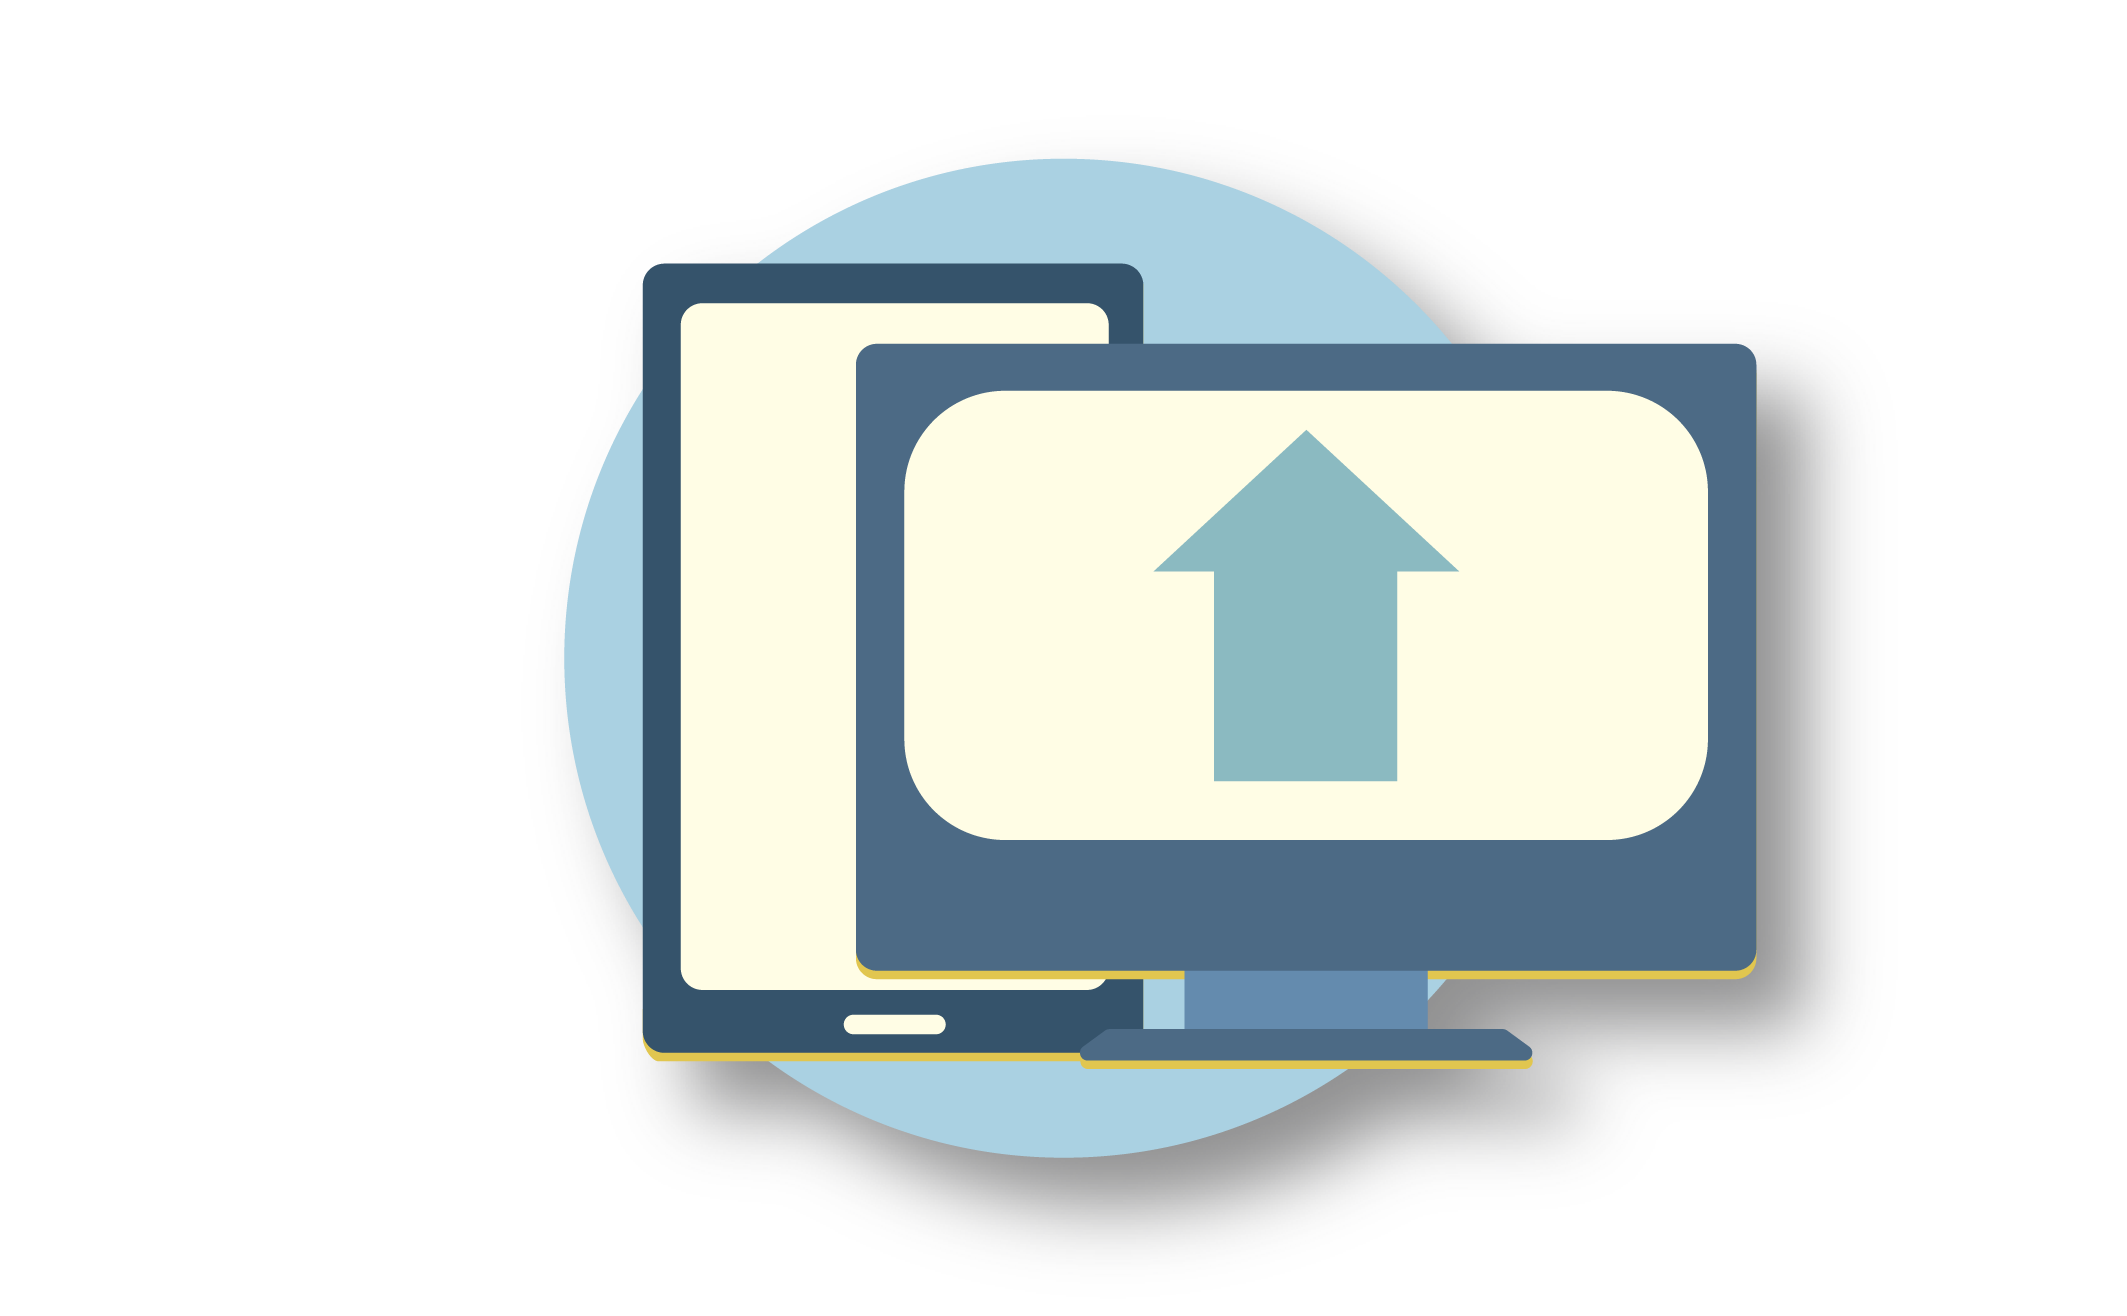 STRONA WWW PODSTAWĄ BIZNESU - Jeśli chcesz, aby Twoja firma odniosła sukces na obecnym rynku, musisz posiadać profesjonalną stronę internetową. Dzisiaj, Twoja witryna jest podstawą Twojej działalności, wspierając i prezentując wszystkie Twoje działania. Uzyskaj większe możliwości dla swojej firmy. Wybierając nas, masz pewność, że będzie profesjonalna, dynamiczna i nowoczesna podstawa twojego biznesu.